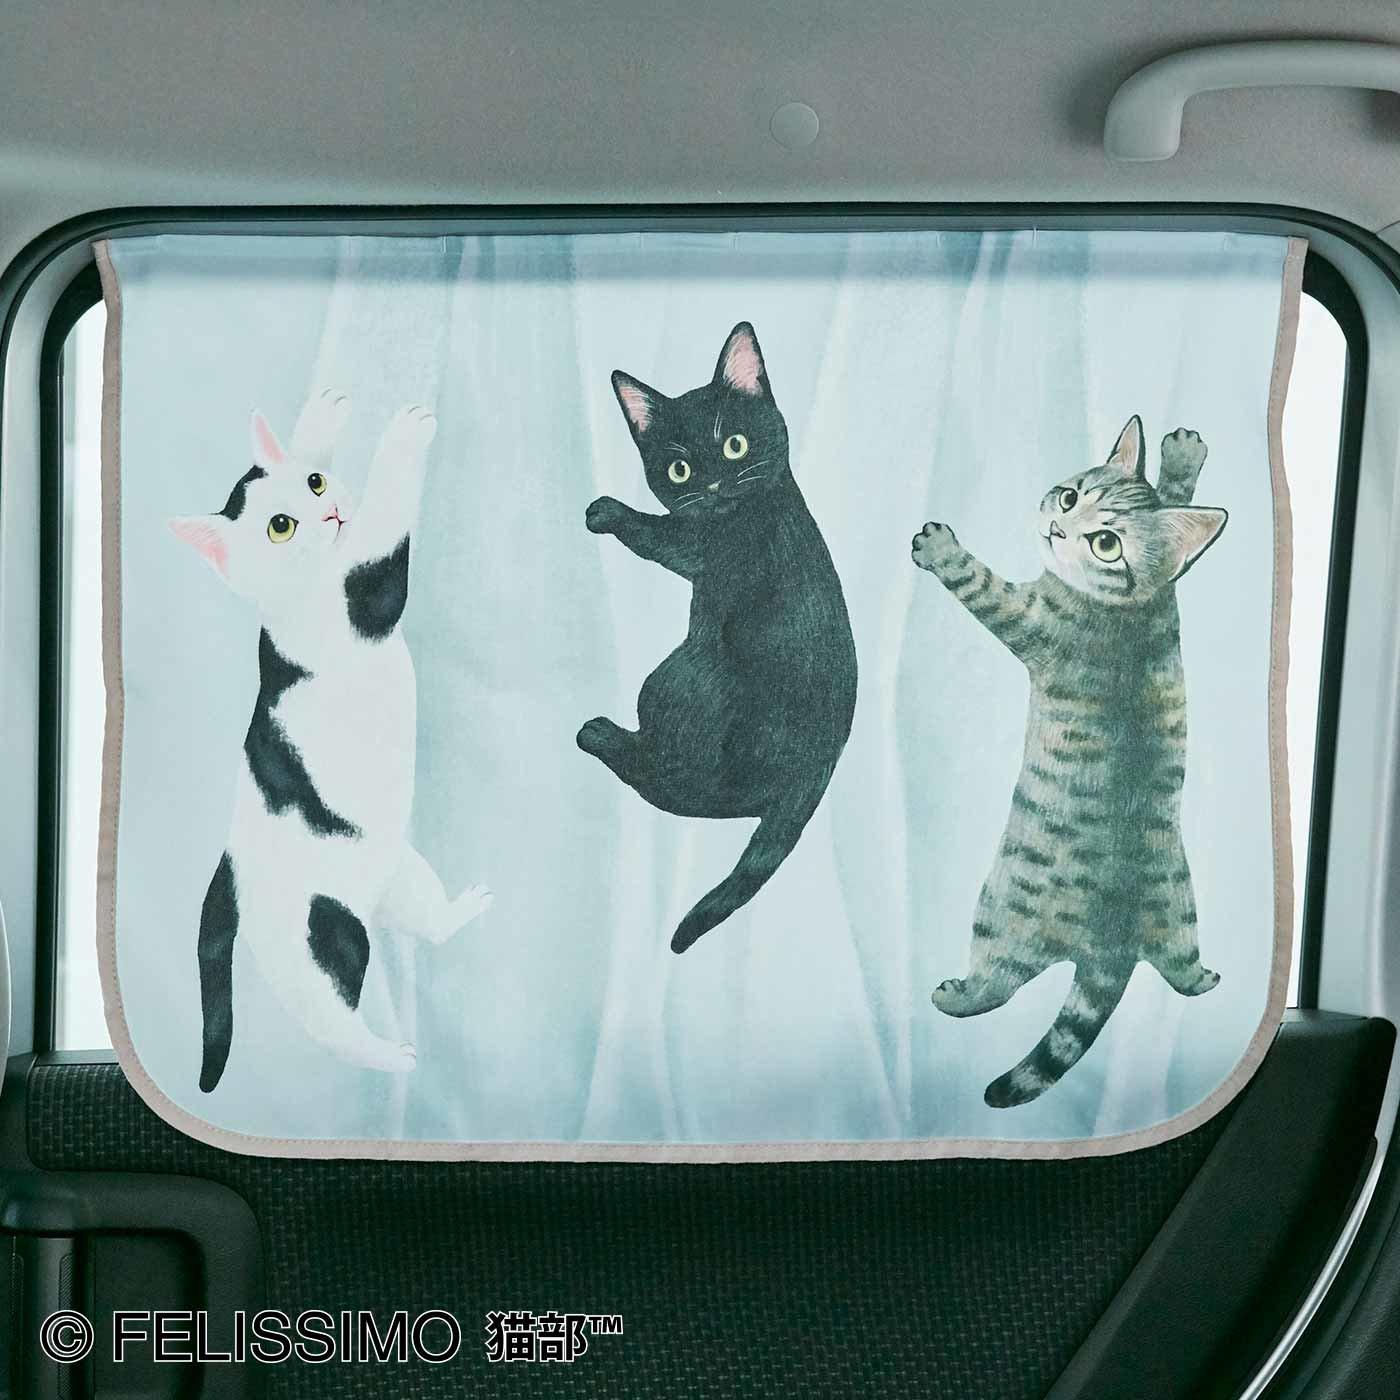 猫が車の中でかくれんぼ 車用カーテン〈ブルー〉